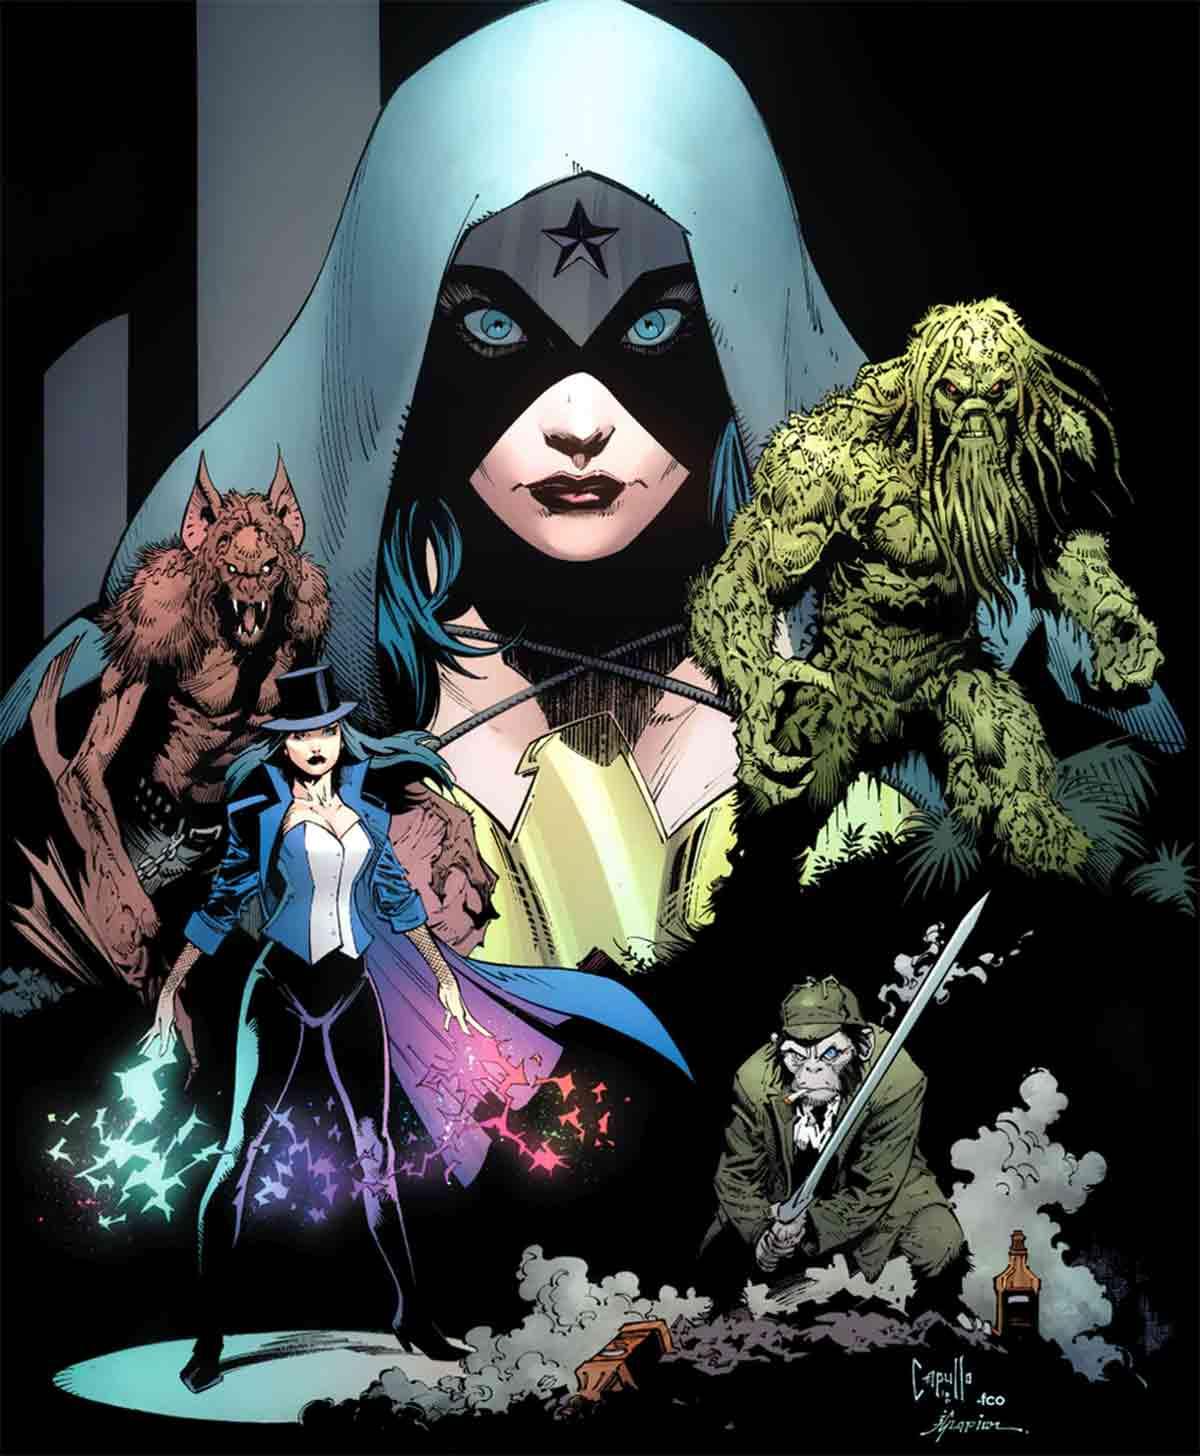 Liga de la Justicia Oscura tendrá una serie de acción real de J.J. Abrams